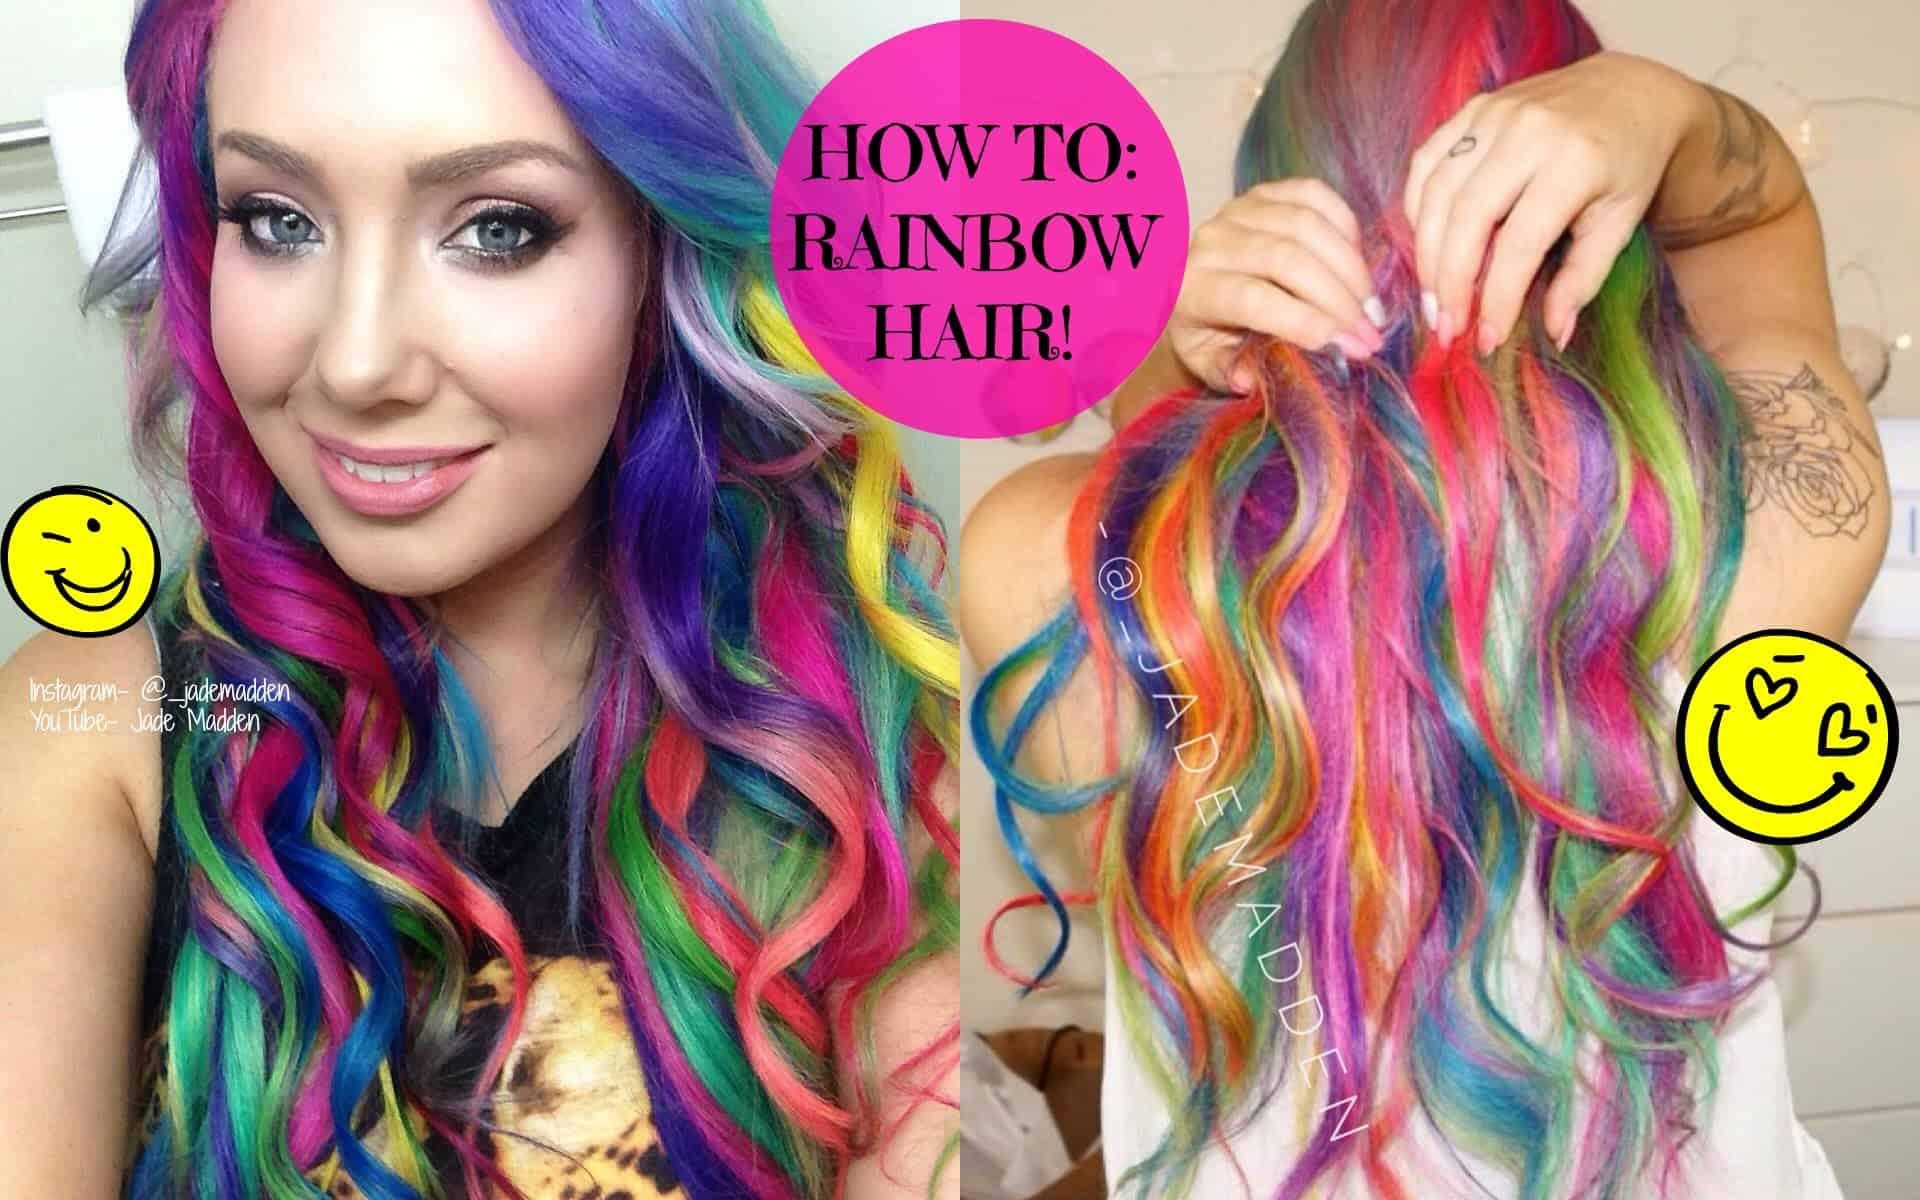 Curly rainbow hair